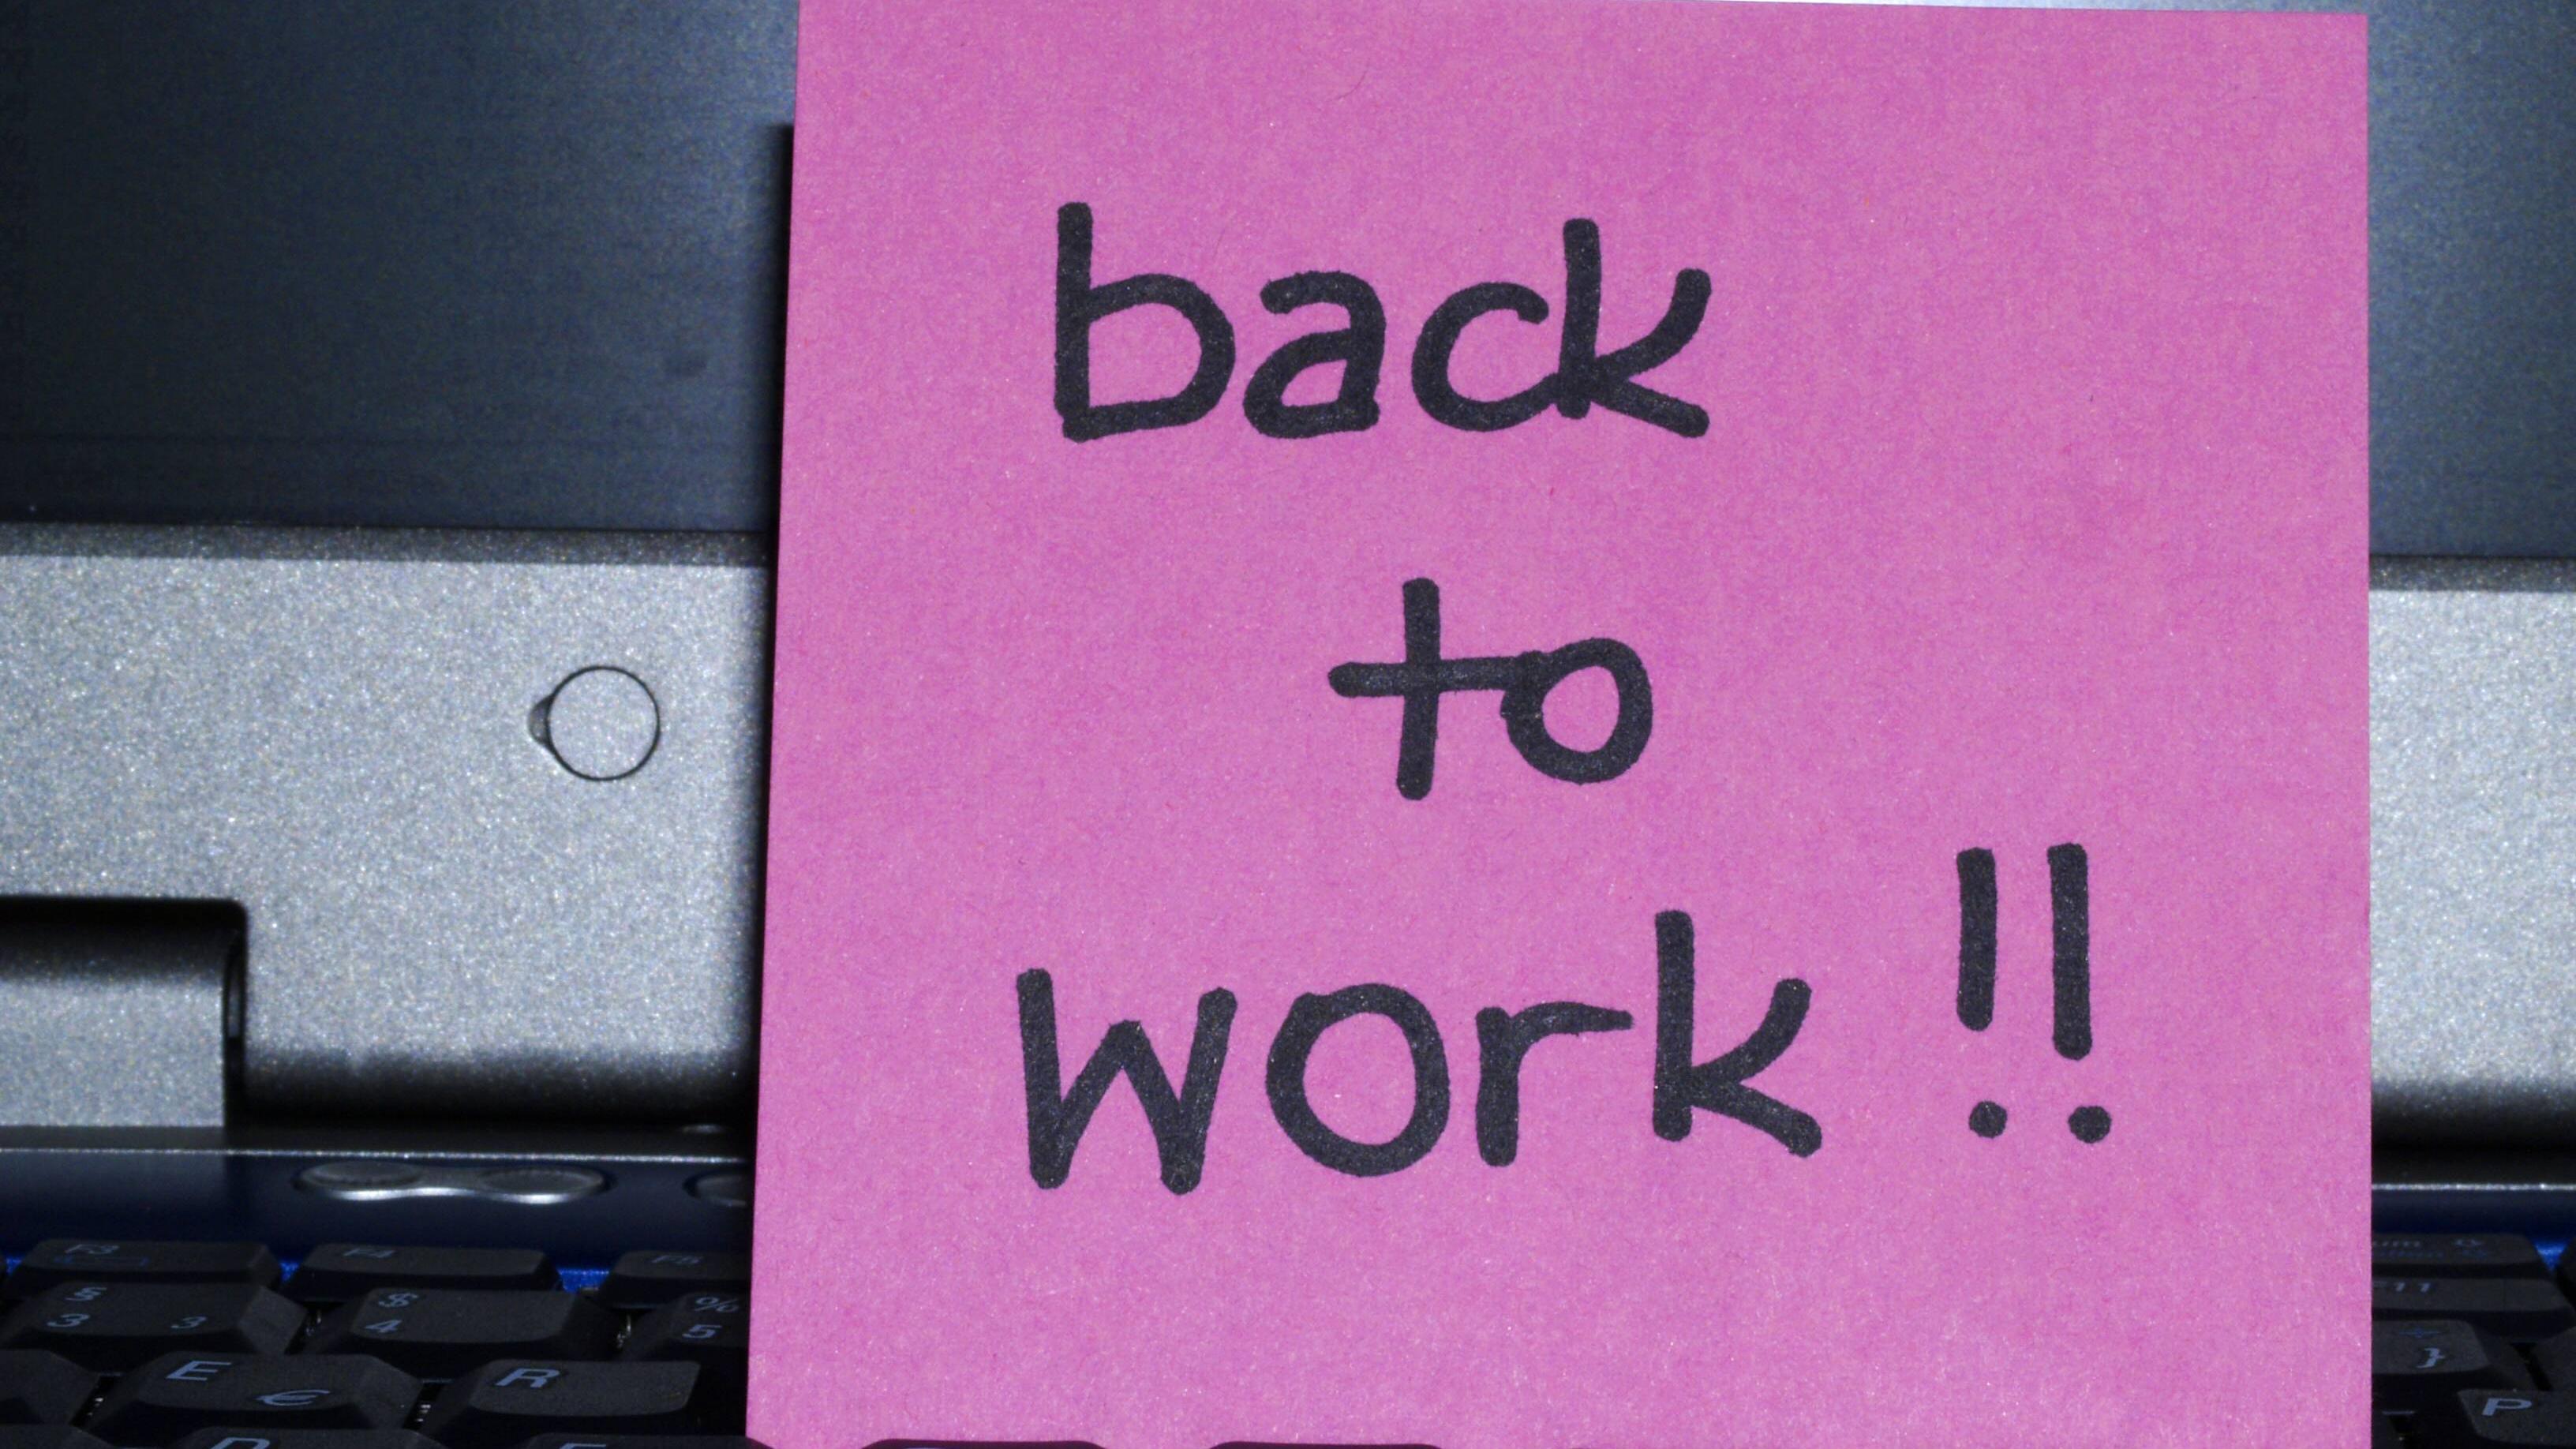 Arbeitssuchend melden trotz Job: Das sollten Sie wissen